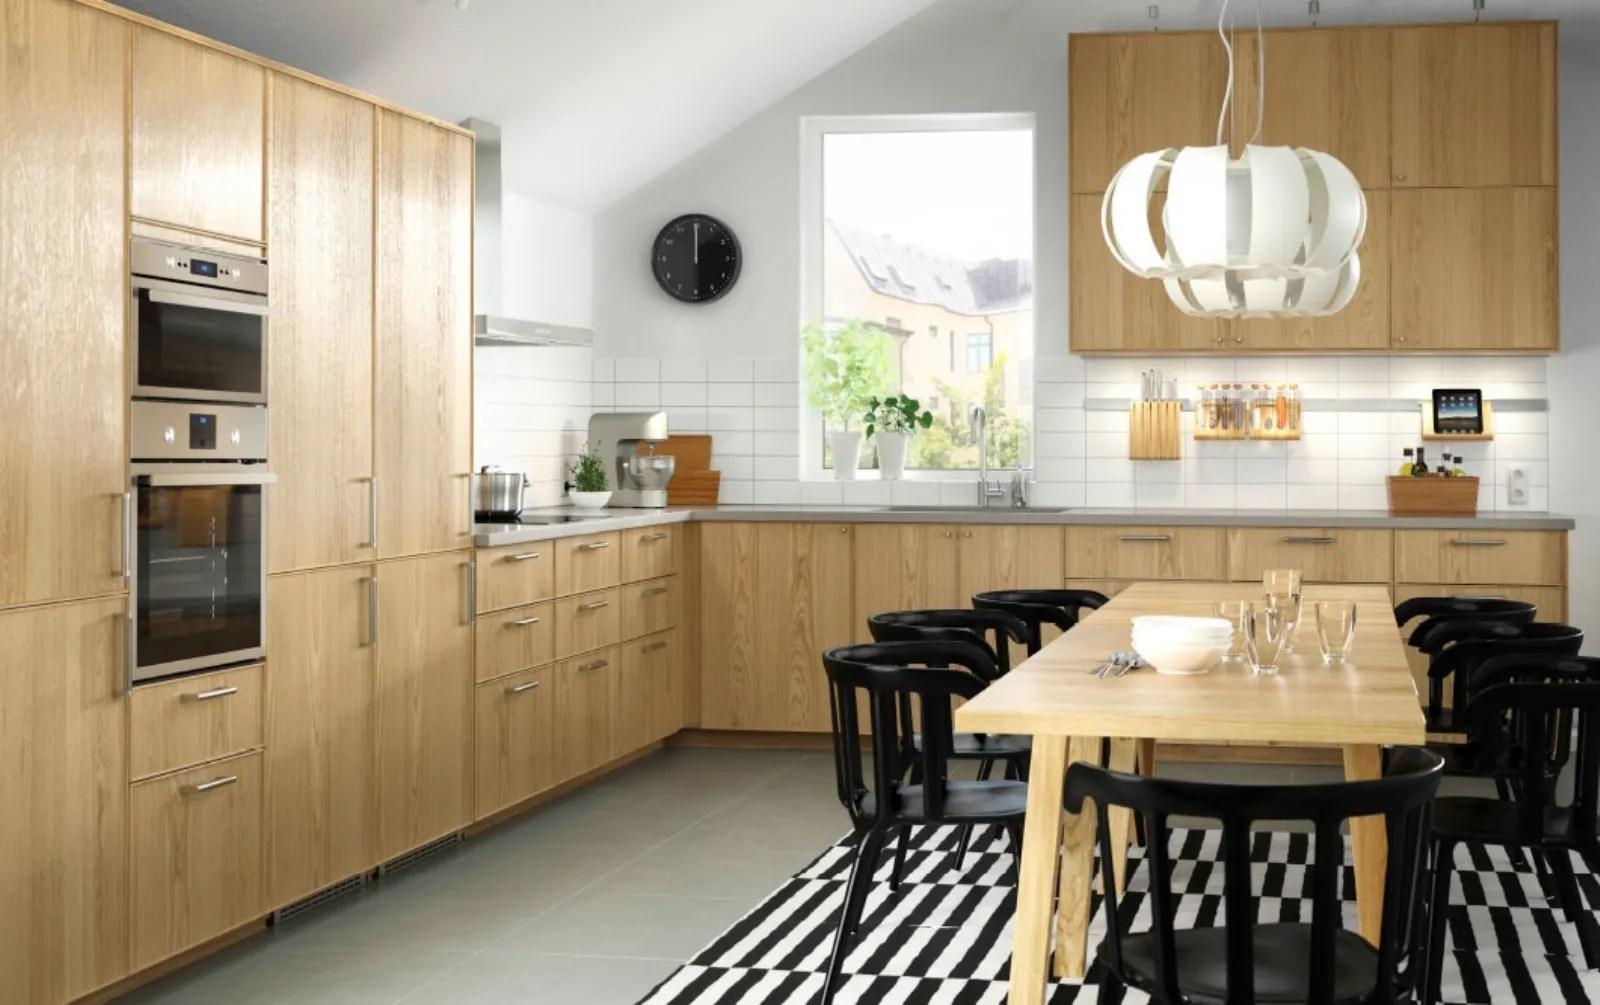 Circa 200 cm (larghezza) x 140 cm (altezza) (78,7 x 55,1 pollici). Ikea Cucine Moderne Ed Economiche